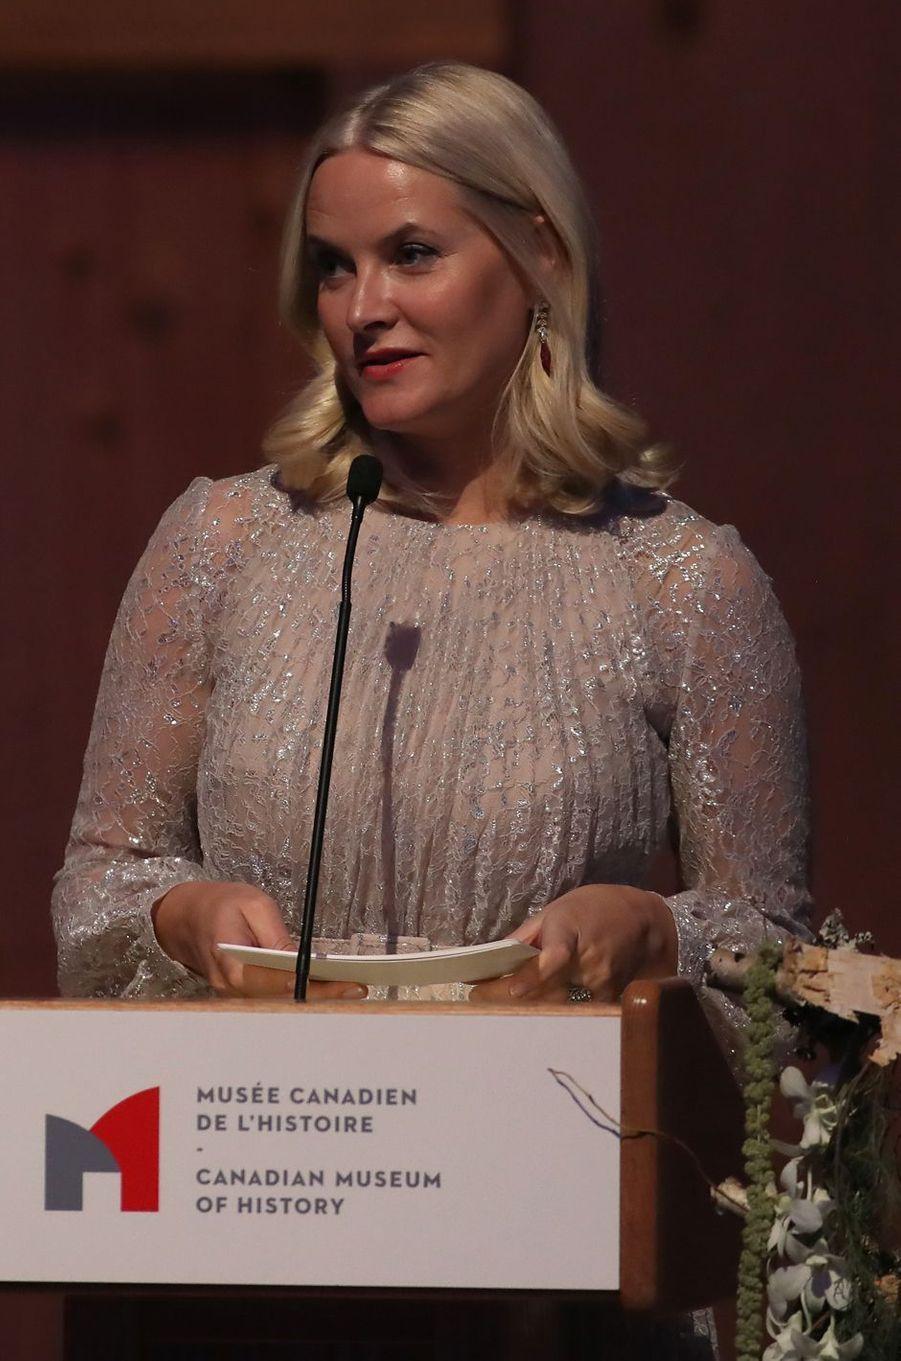 La princesse Mette-Marit de Norvège à Gatineau au Canada, le 7 novembre 2016